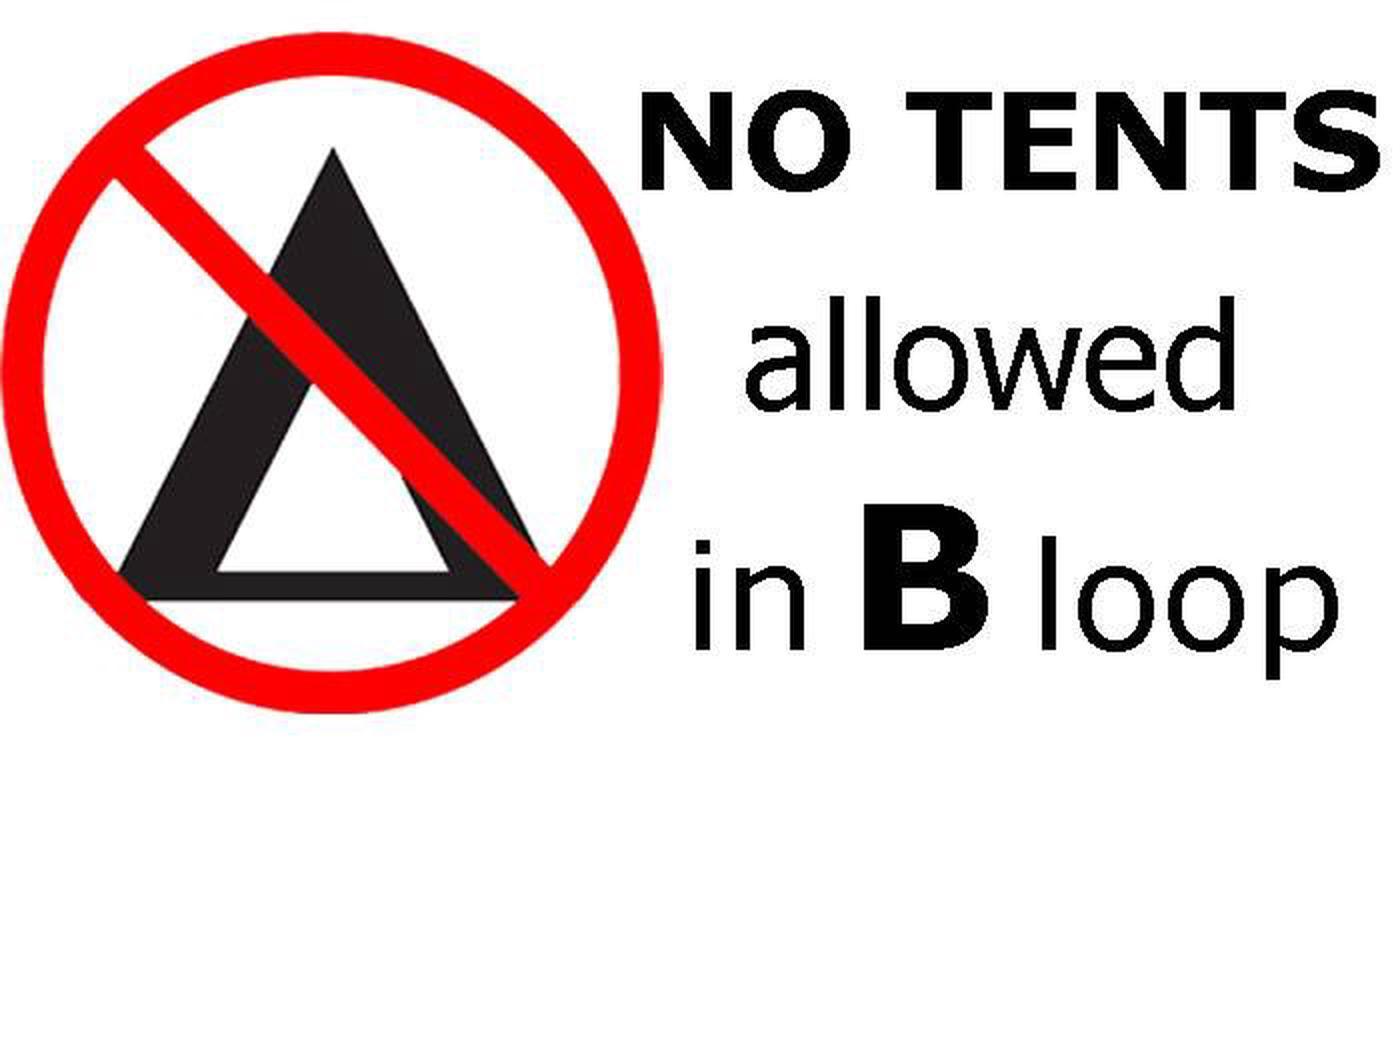 NO TENTS NO TENTS